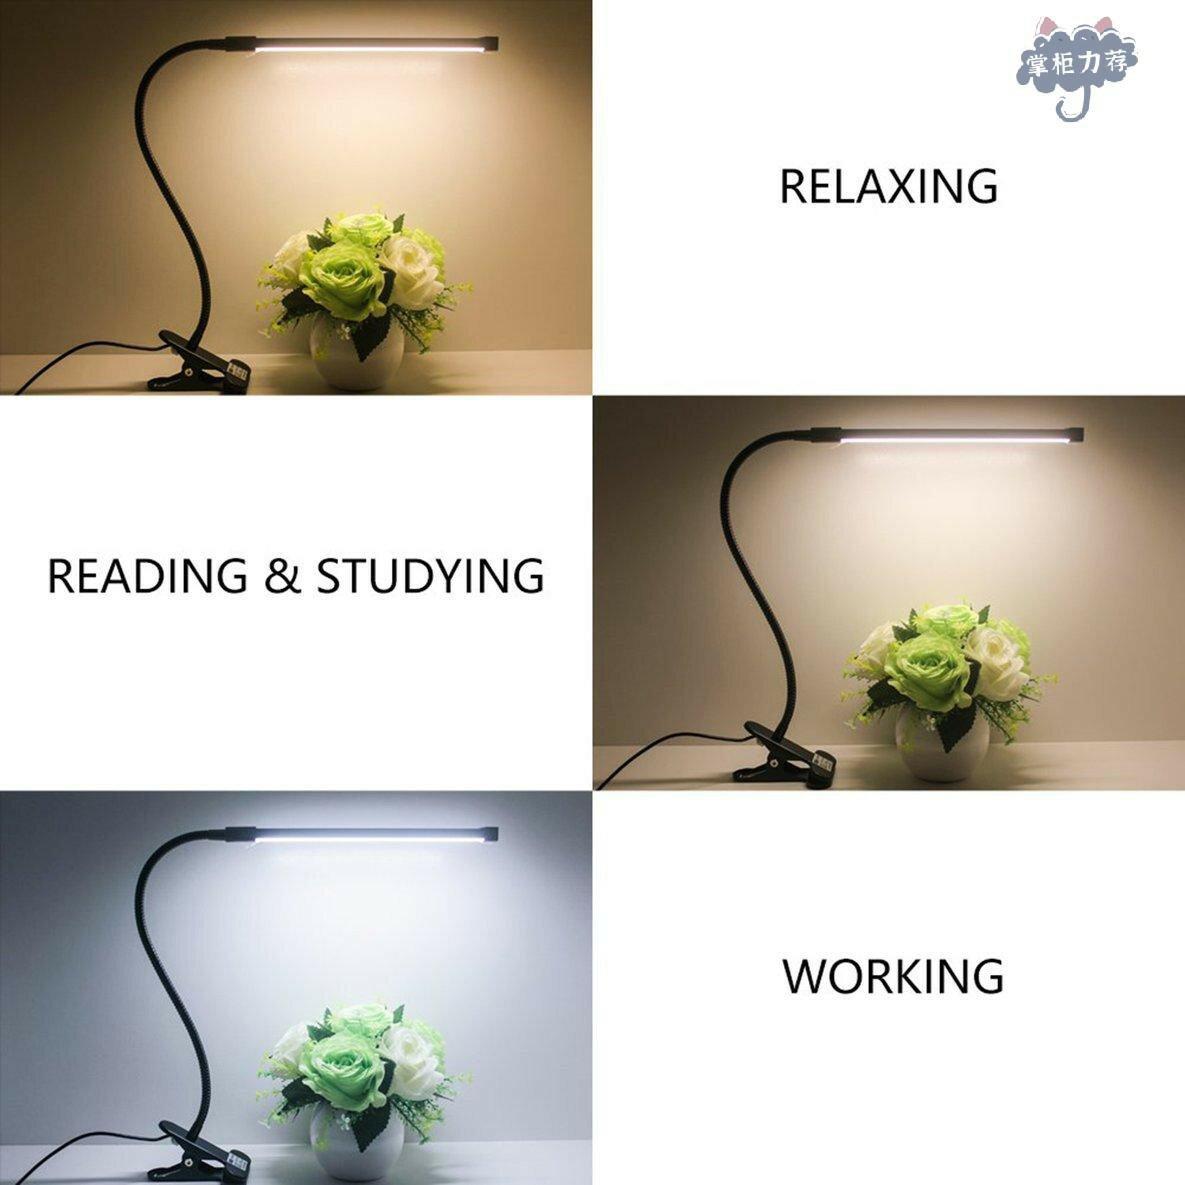 【全館免運】夾鉗燈LED檯燈可調光護眼柔性金屬鵝頸USB